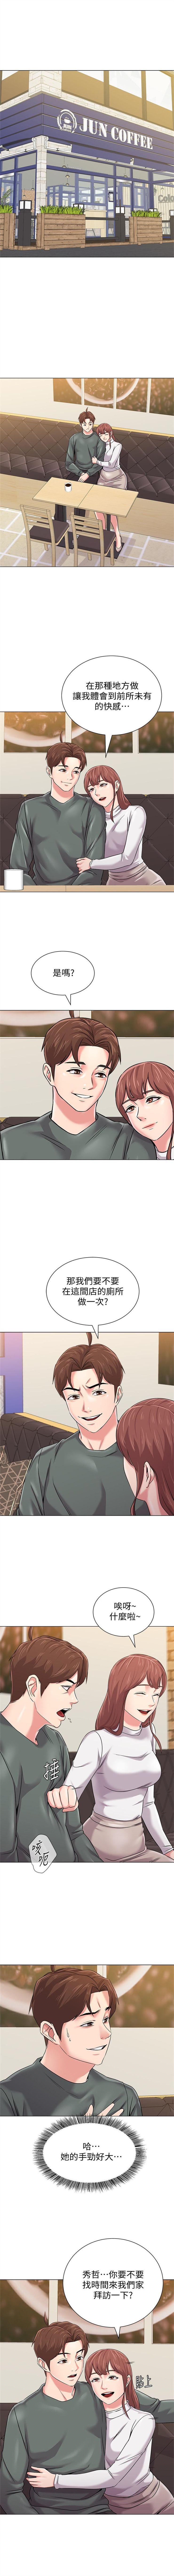 (周3)老师 1-56 中文翻译(更新中) 377